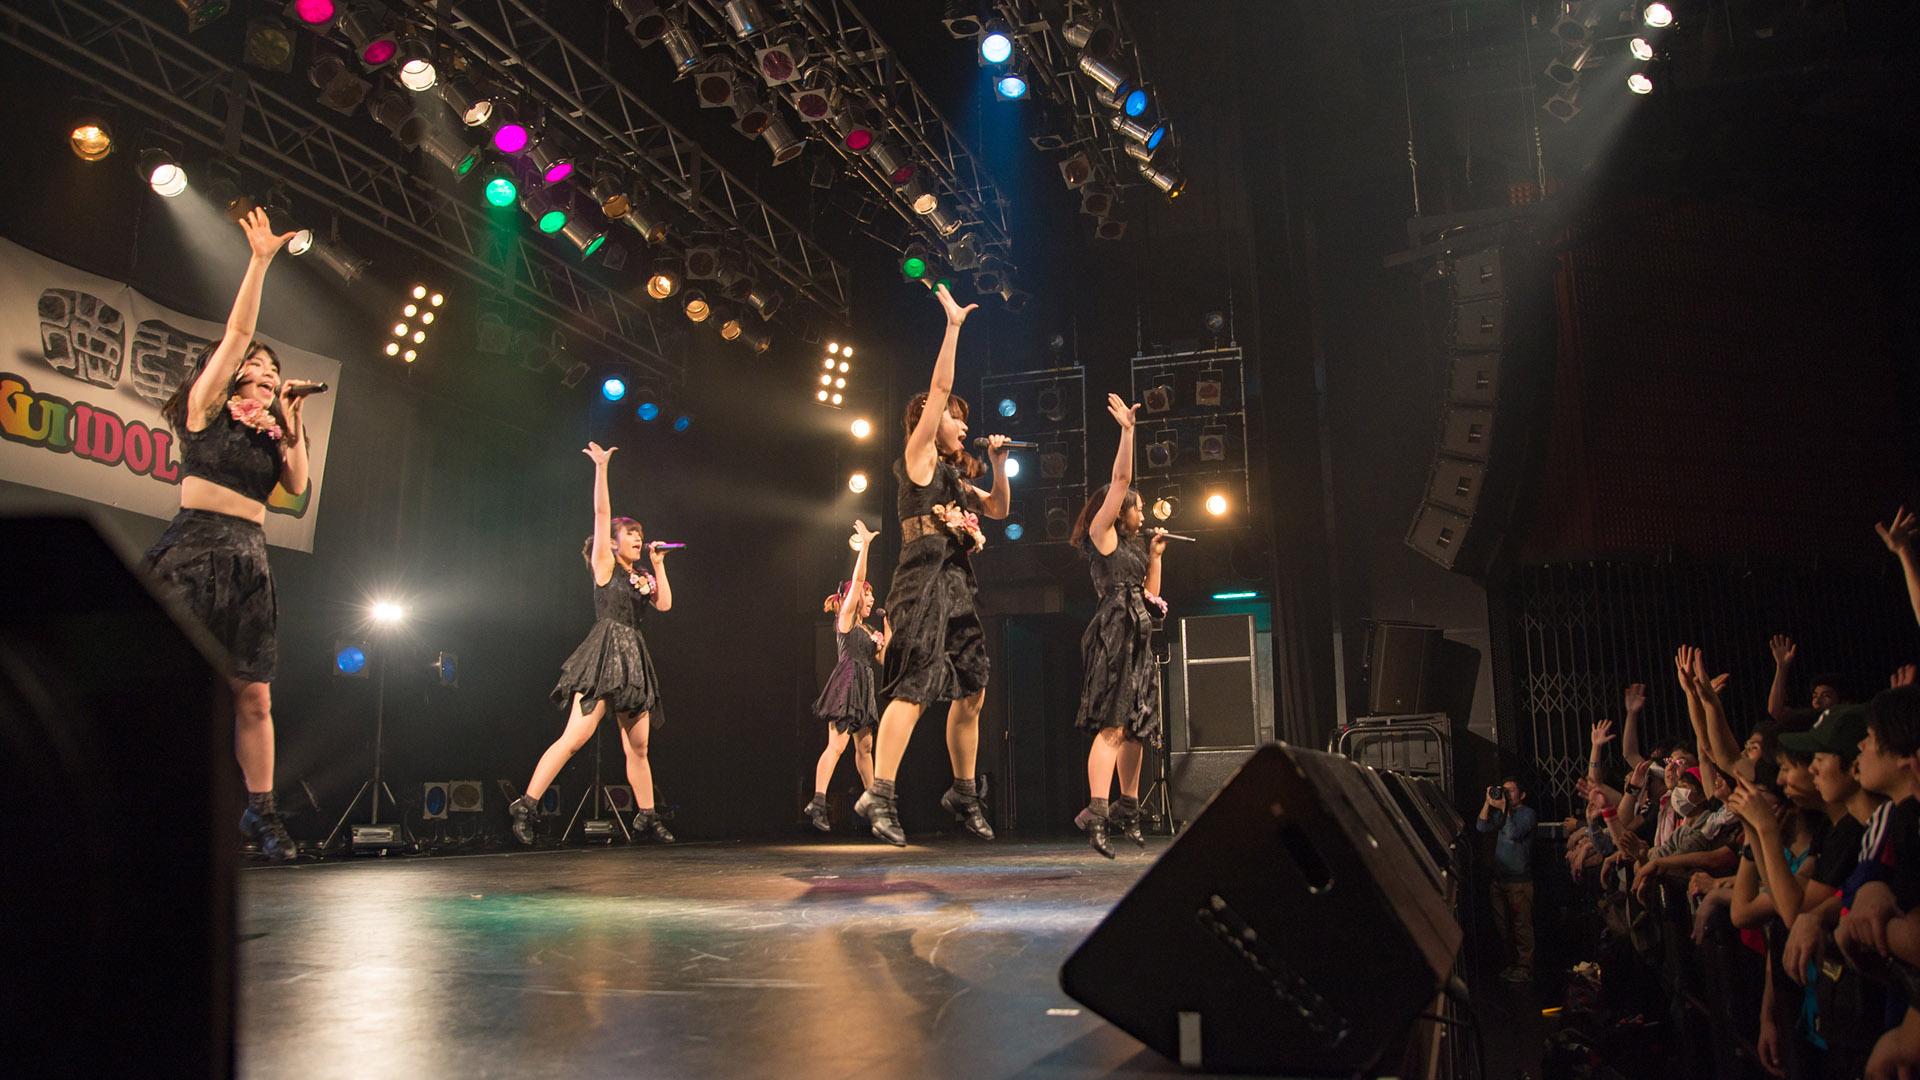 やっぱアイドルは最高!「徳井アイドルフェスティバル-其の弐-」で2016年のスタマリ初めしてきました!